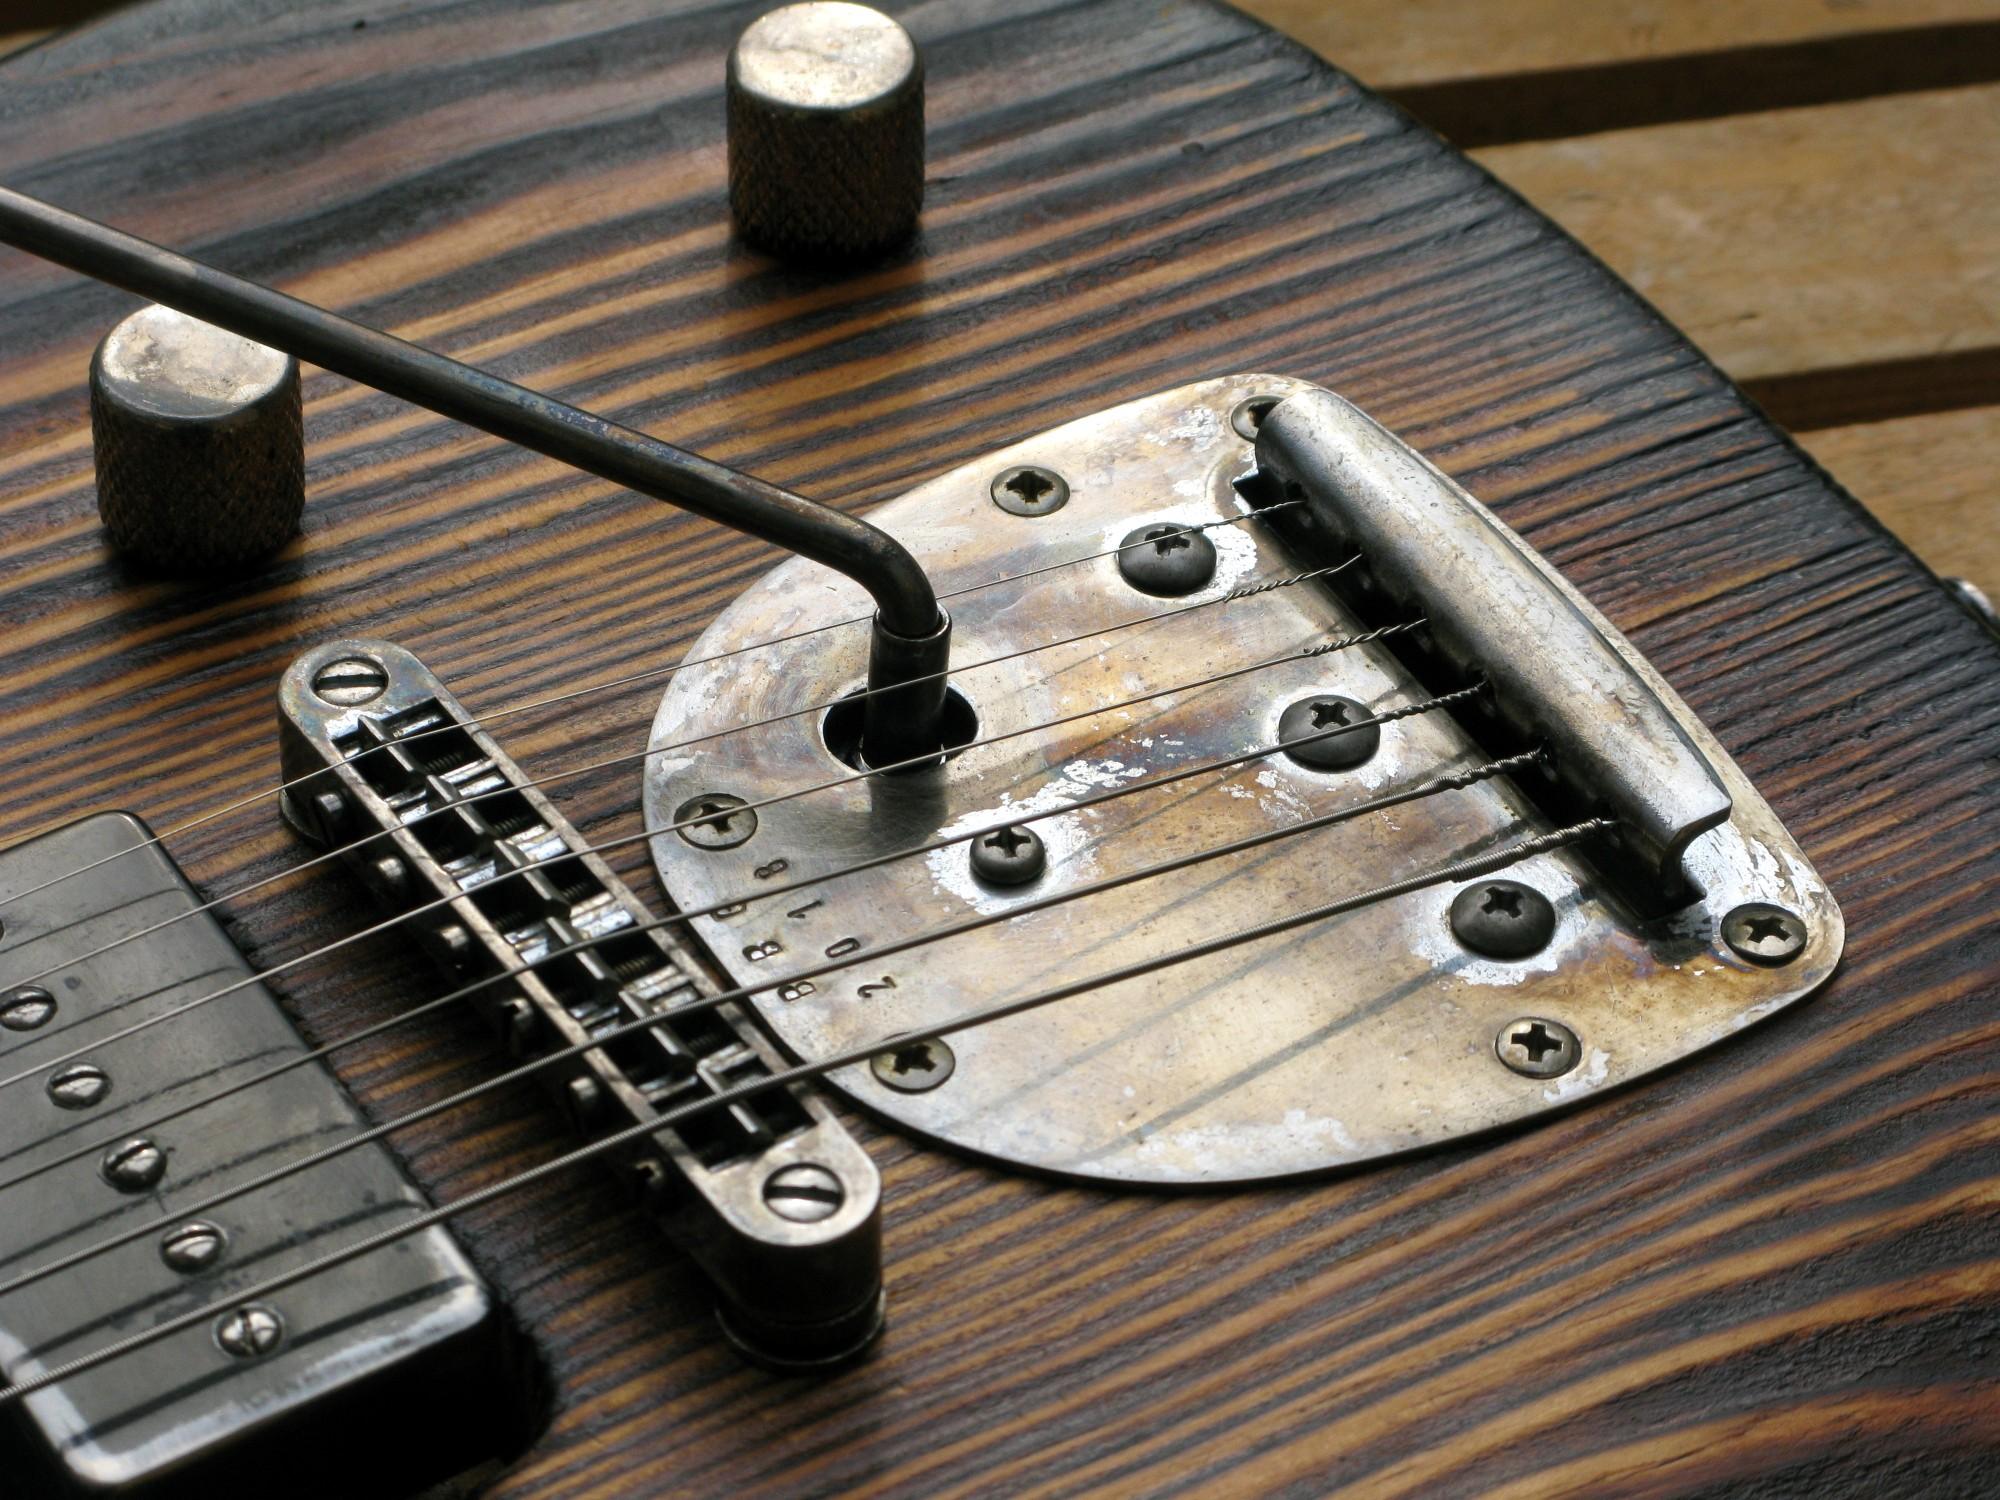 Chitarra modello Stratocaster, body in pino, manico in frassino, reverse: ponte